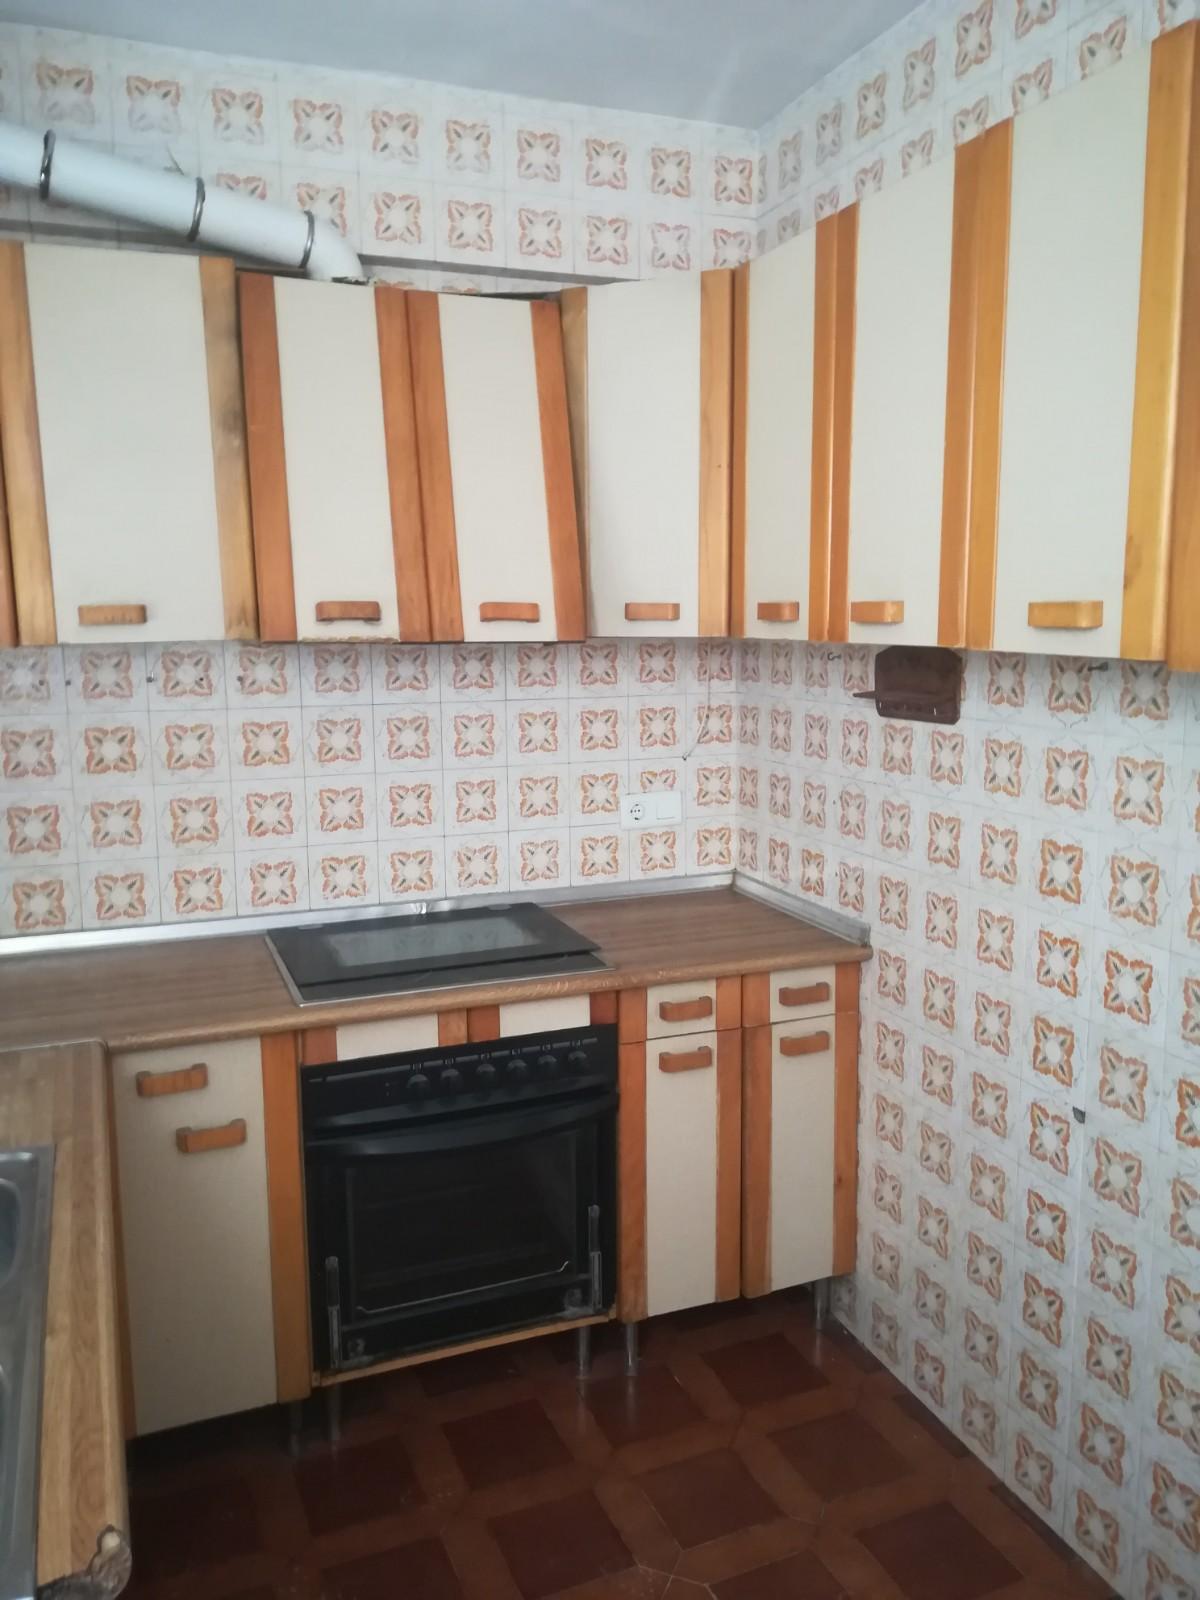 Piso en venta en El Campo, Benidorm, Alicante, Calle Buen Pastor, 80.000 €, 3 habitaciones, 1 baño, 89 m2